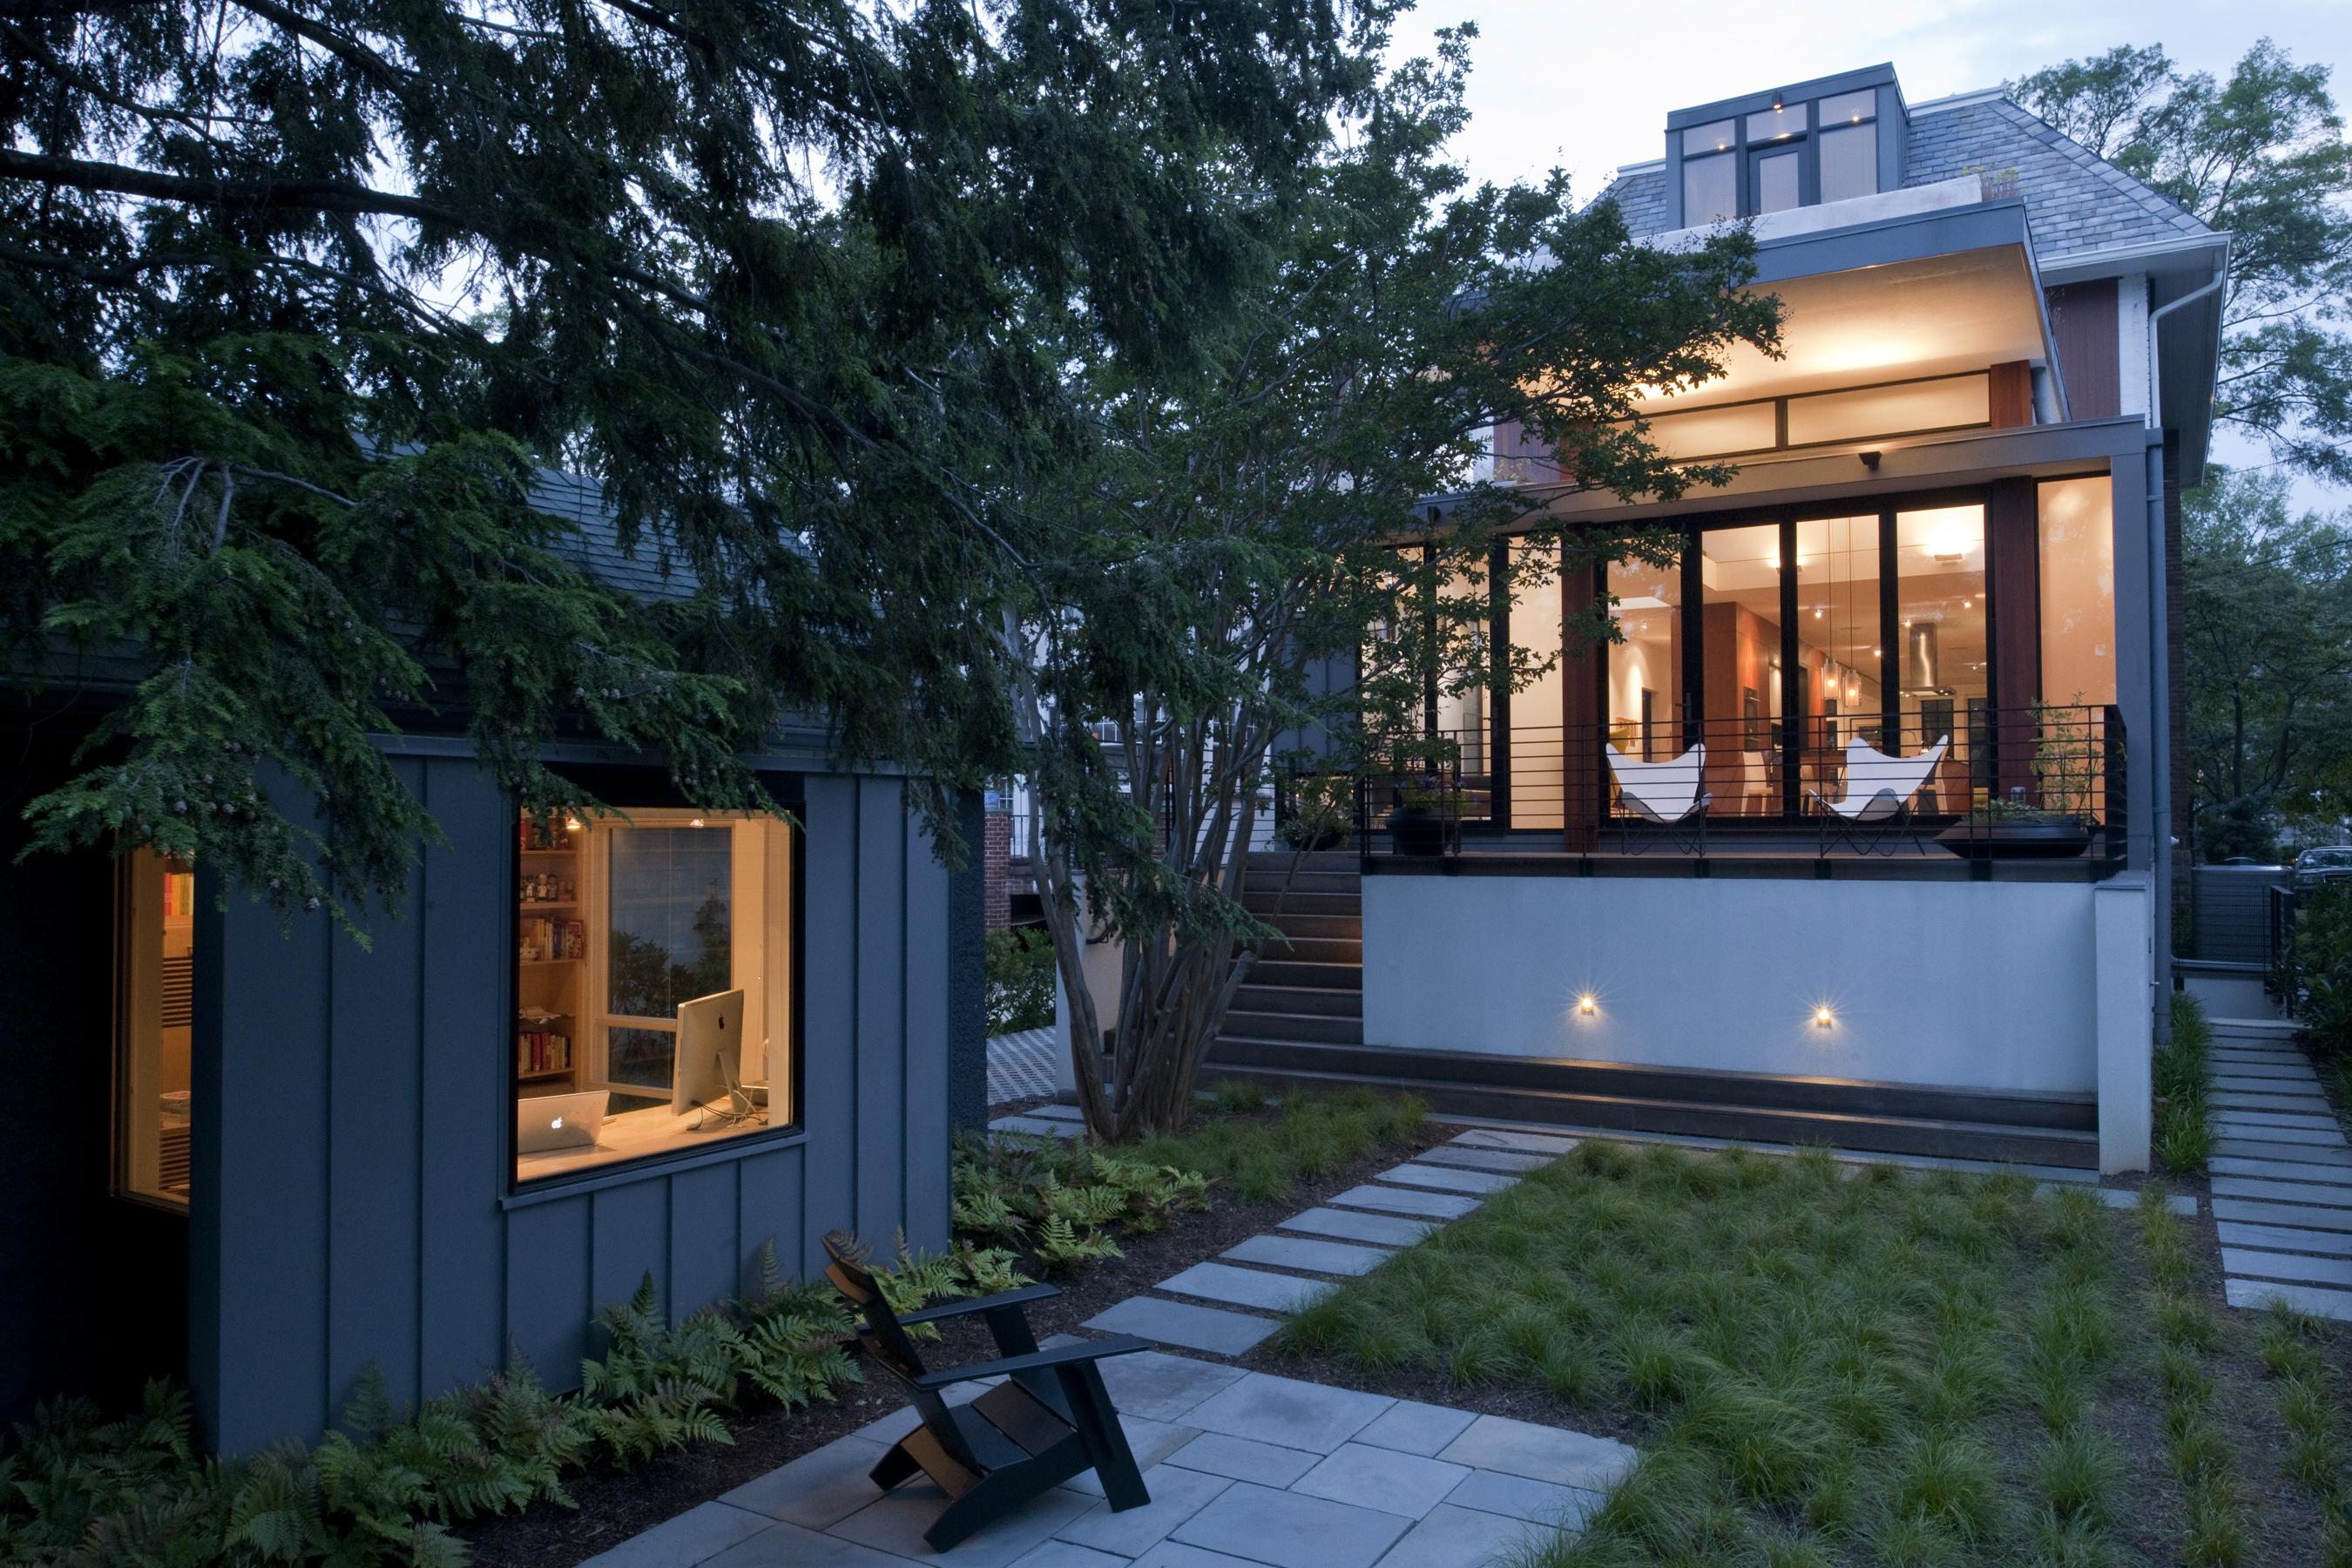 Cleveland Park House Studio Architect Magazine